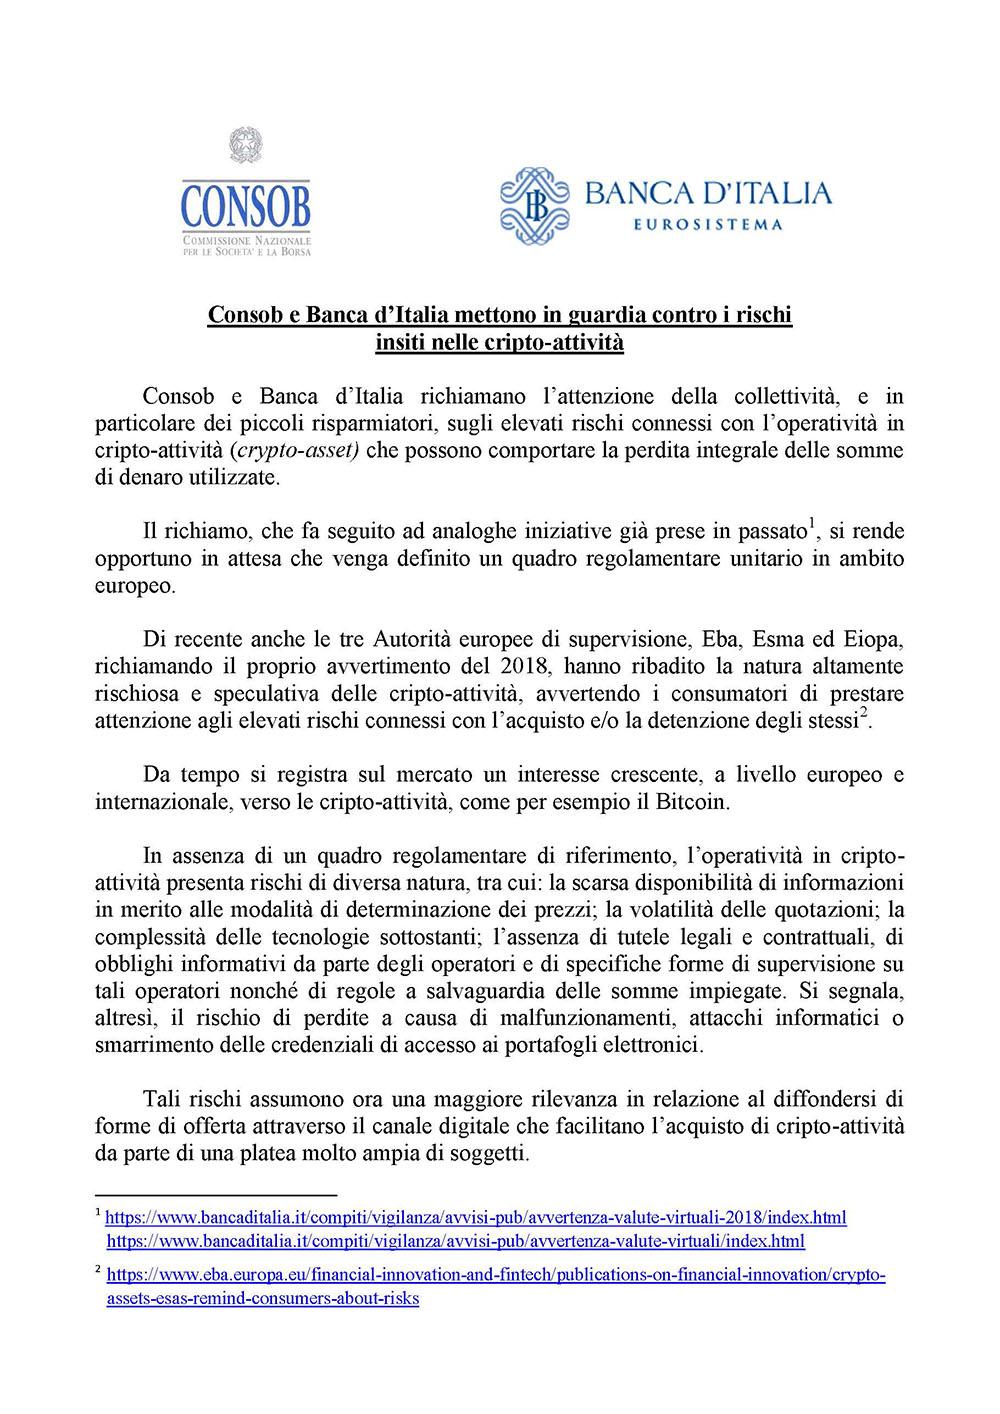 Consob e Bankitalia: rischi sulle cripto-valute